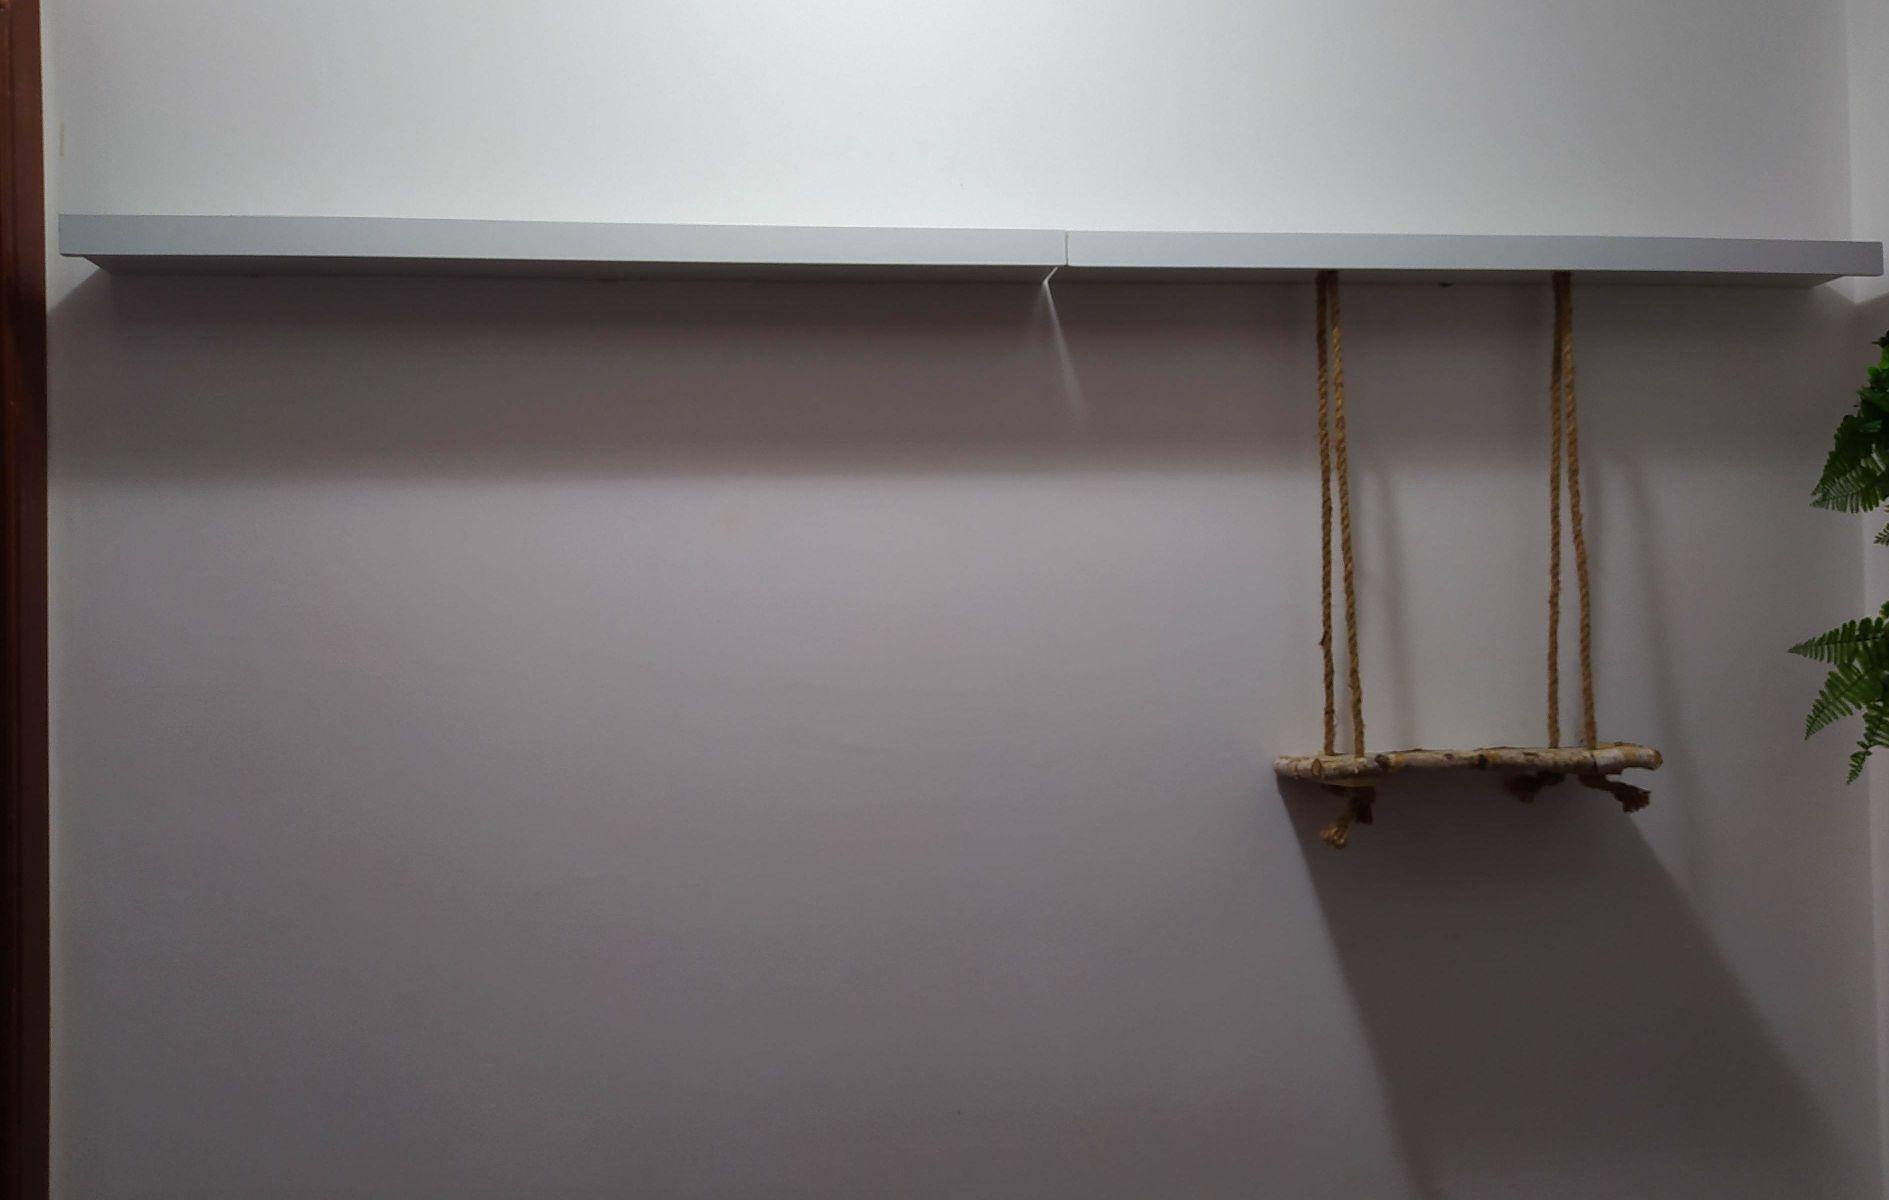 instalação prateleiras, com arranjos de balanço